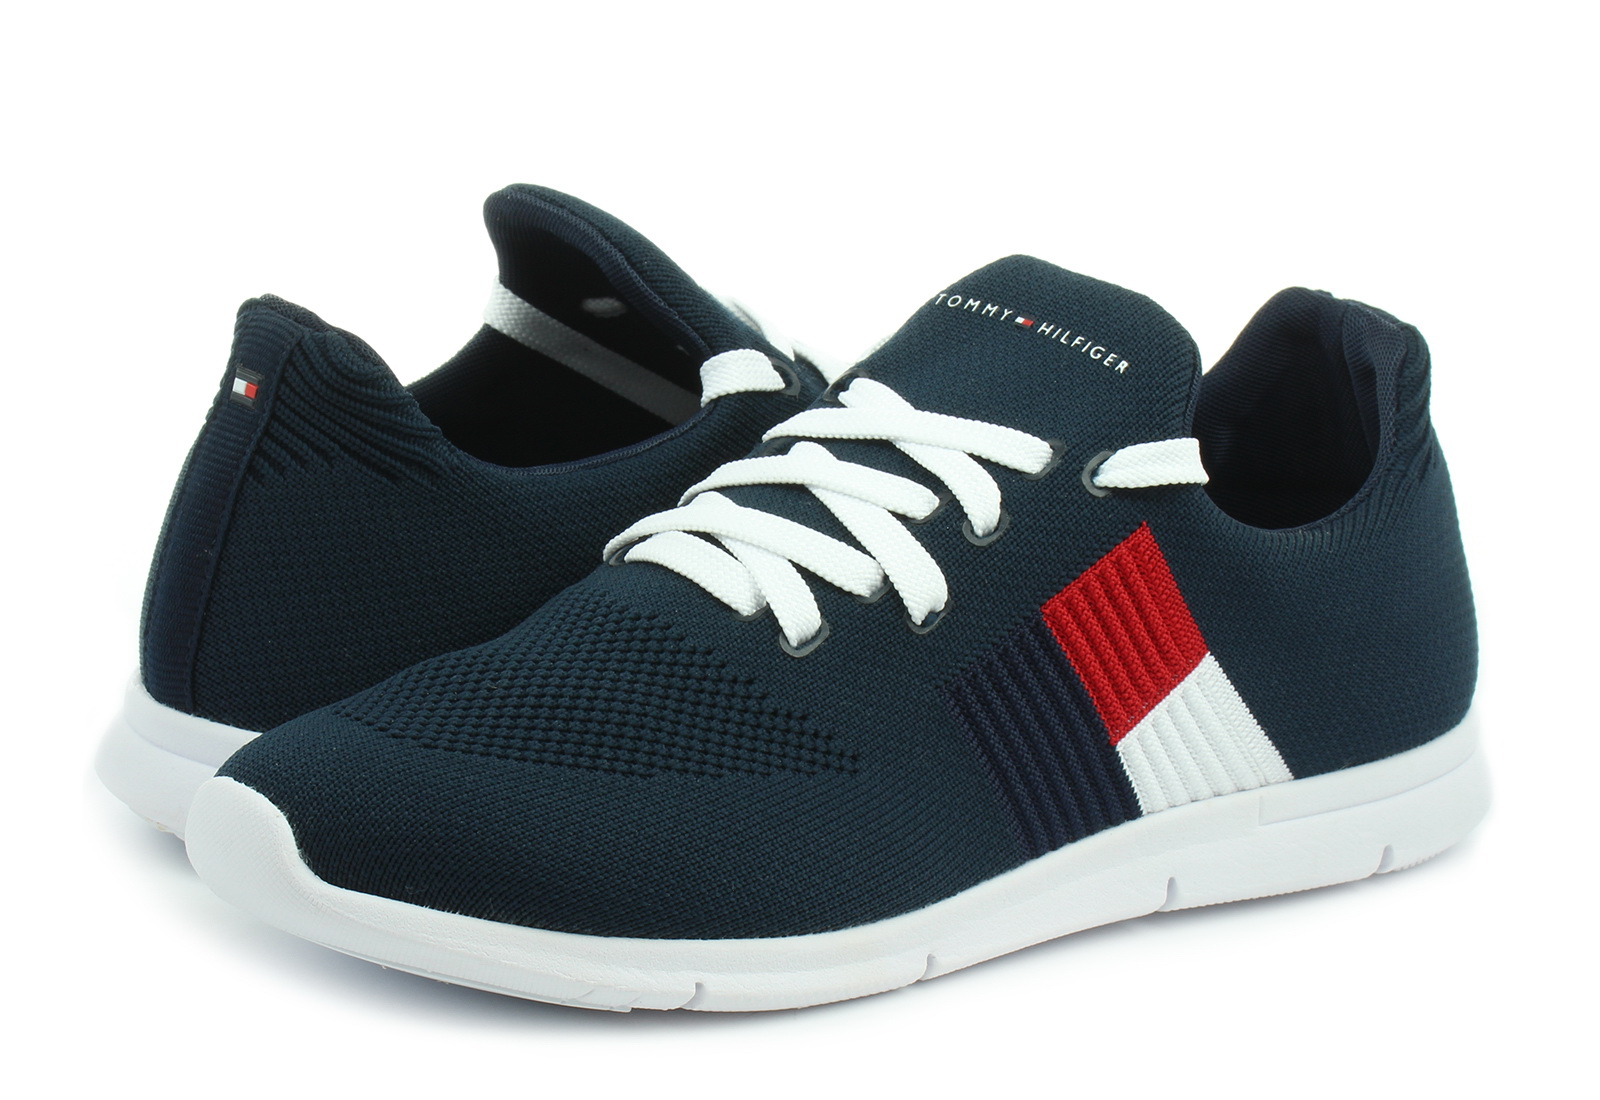 Tommy Hilfiger Shoes Skye 22d